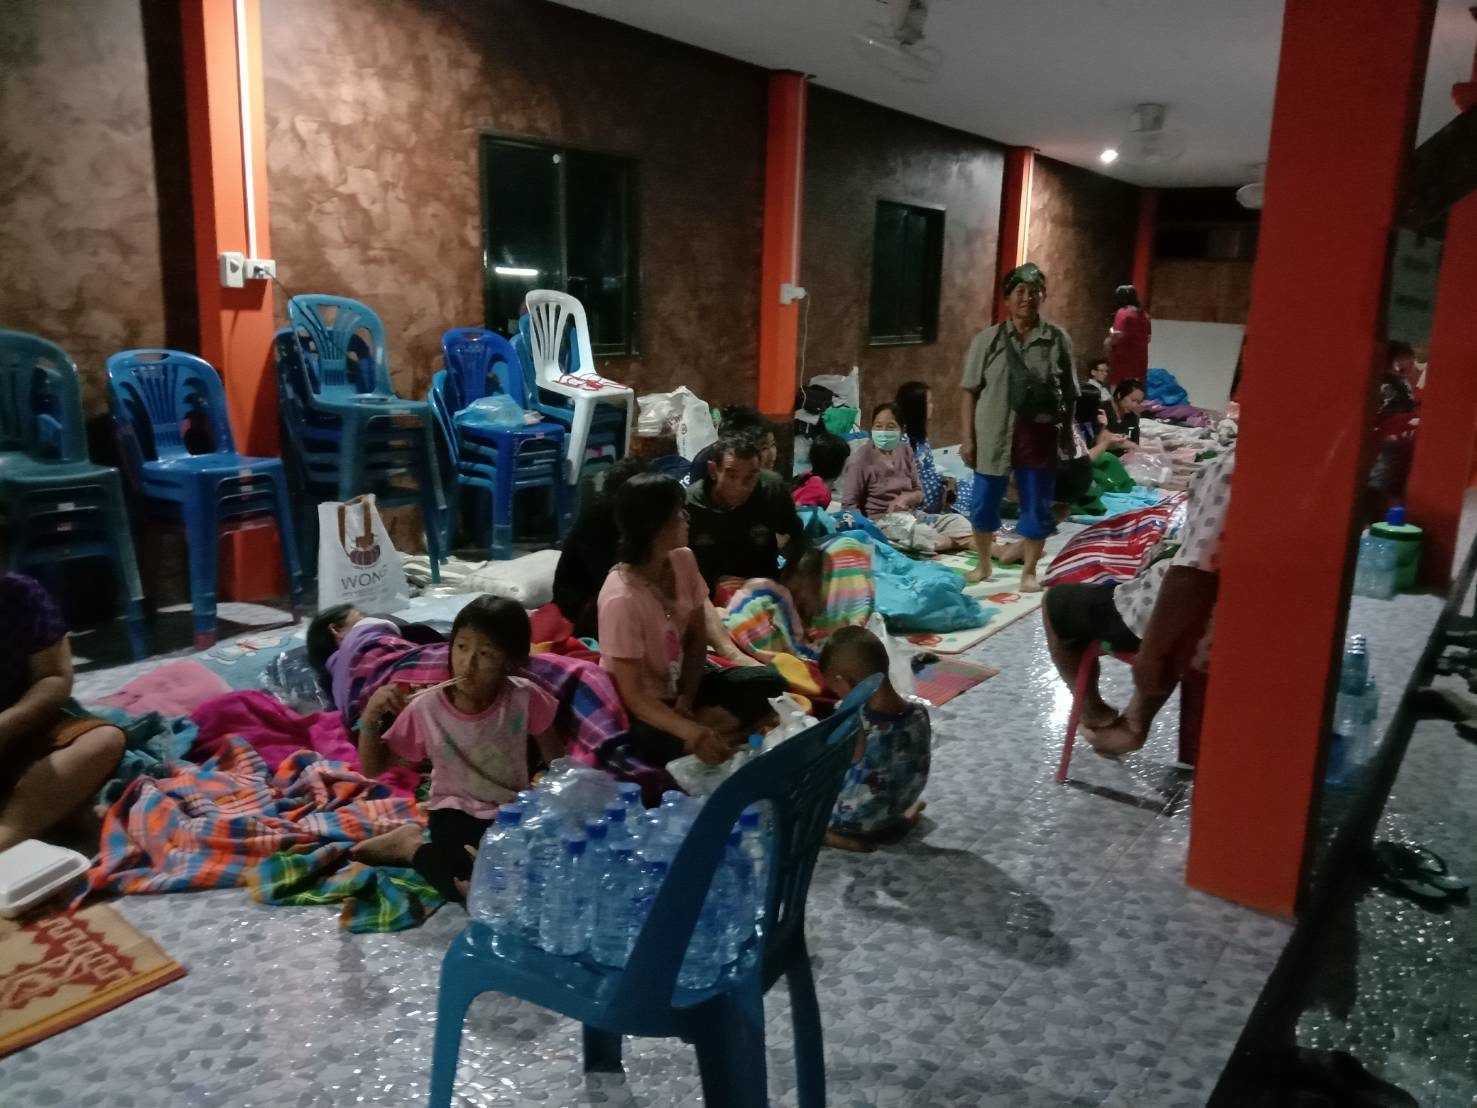 ลำปางหวั่นอ่างแตก ประกาศเสียงตามสาย อพยพชาวบ้านที่สูงนอนวัด